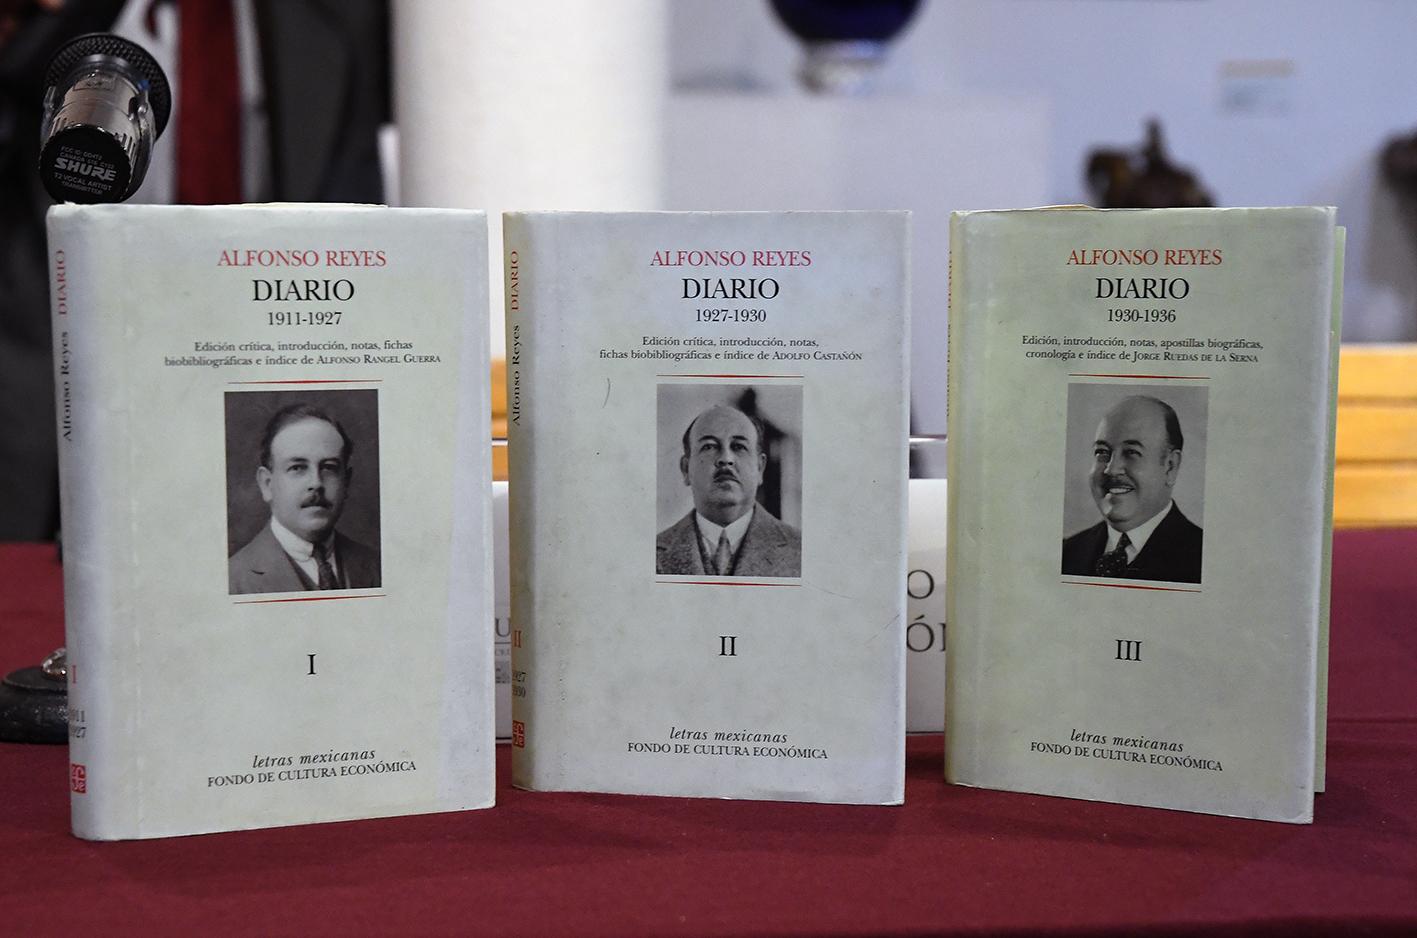 El FCE edita los primeros tomos de los diarios de Alfonso Reyes